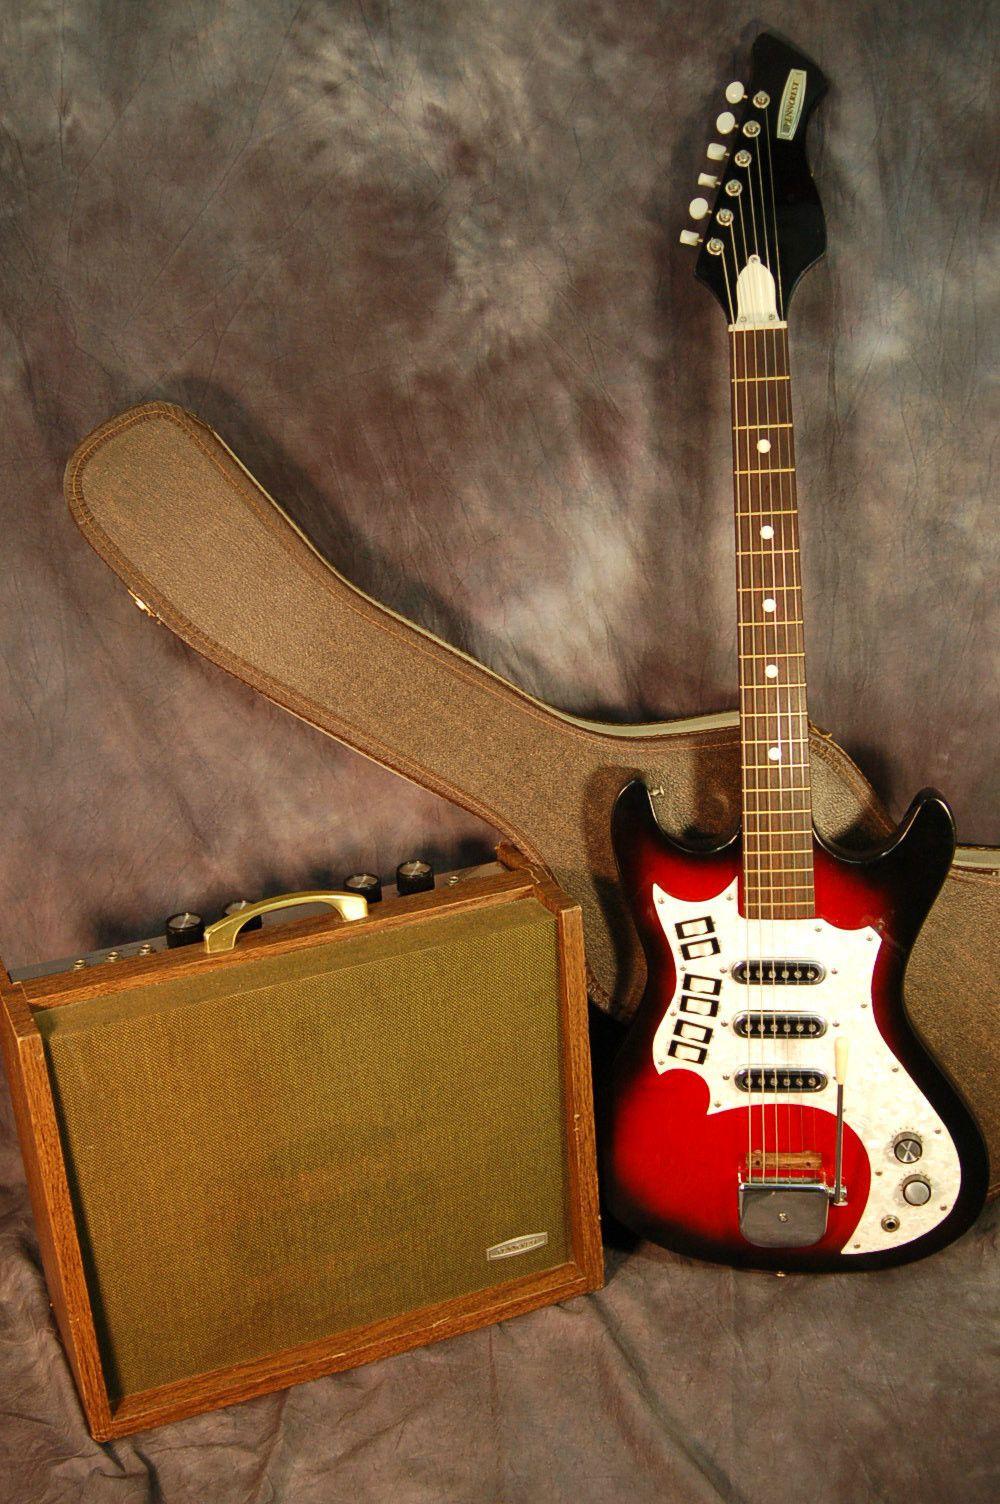 vintage rare 1960s penncrest by kay electric guitar case and amp set pro setup guitar. Black Bedroom Furniture Sets. Home Design Ideas